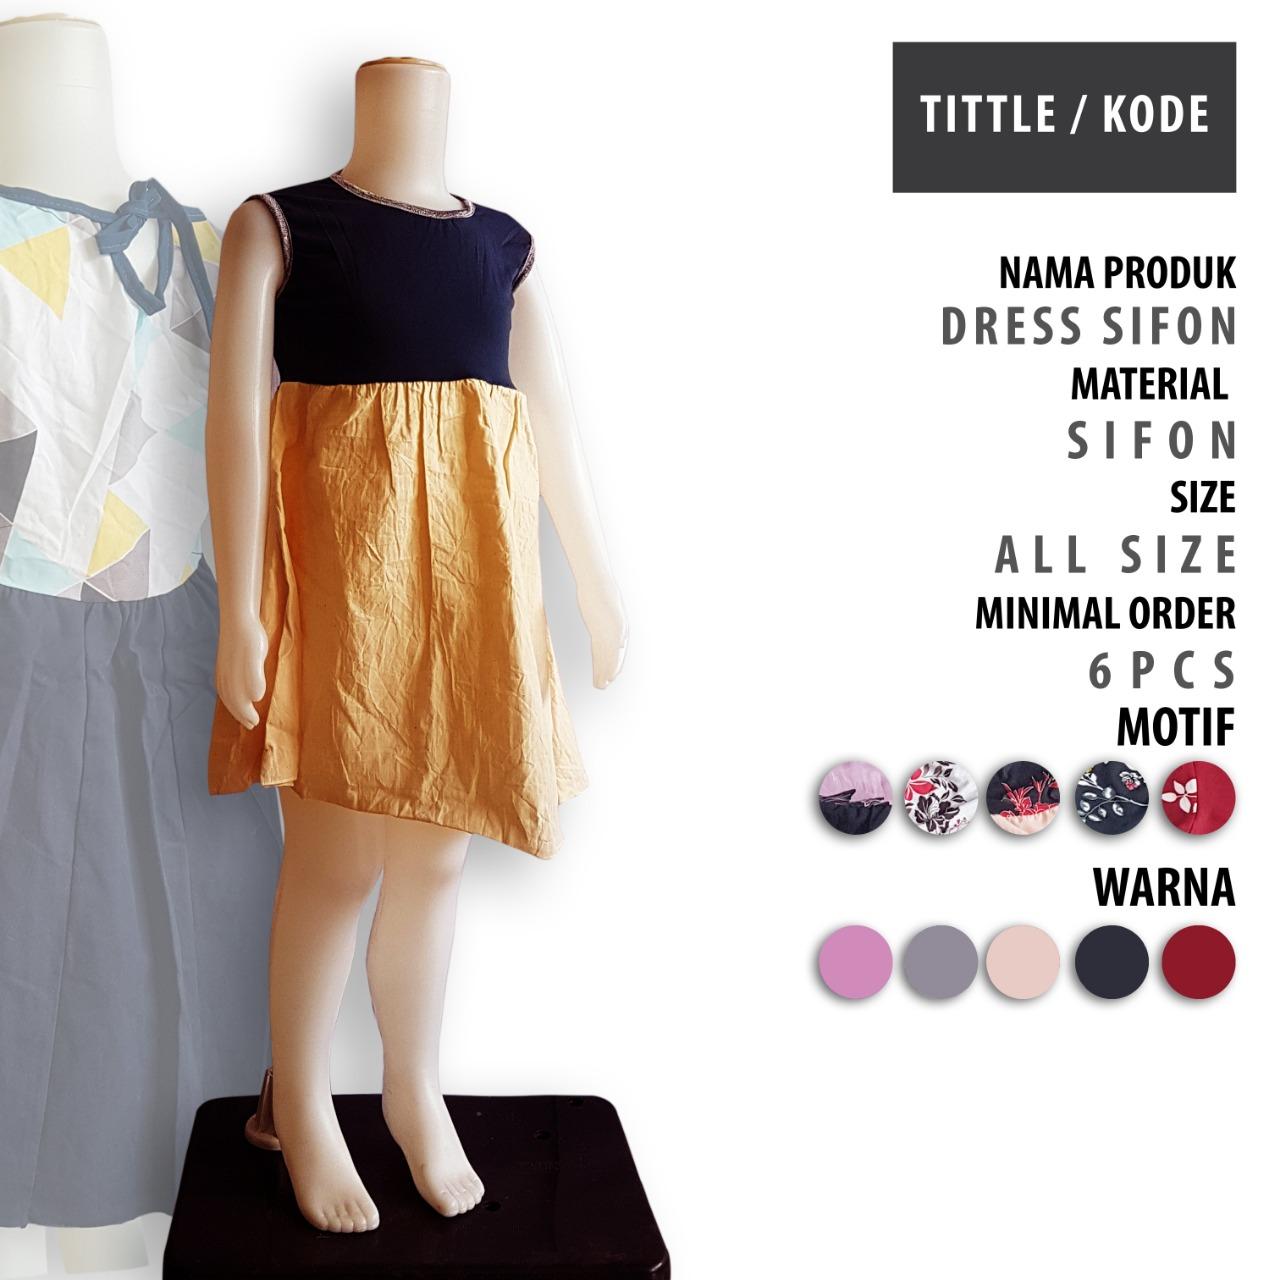 Dress Sifon Anak